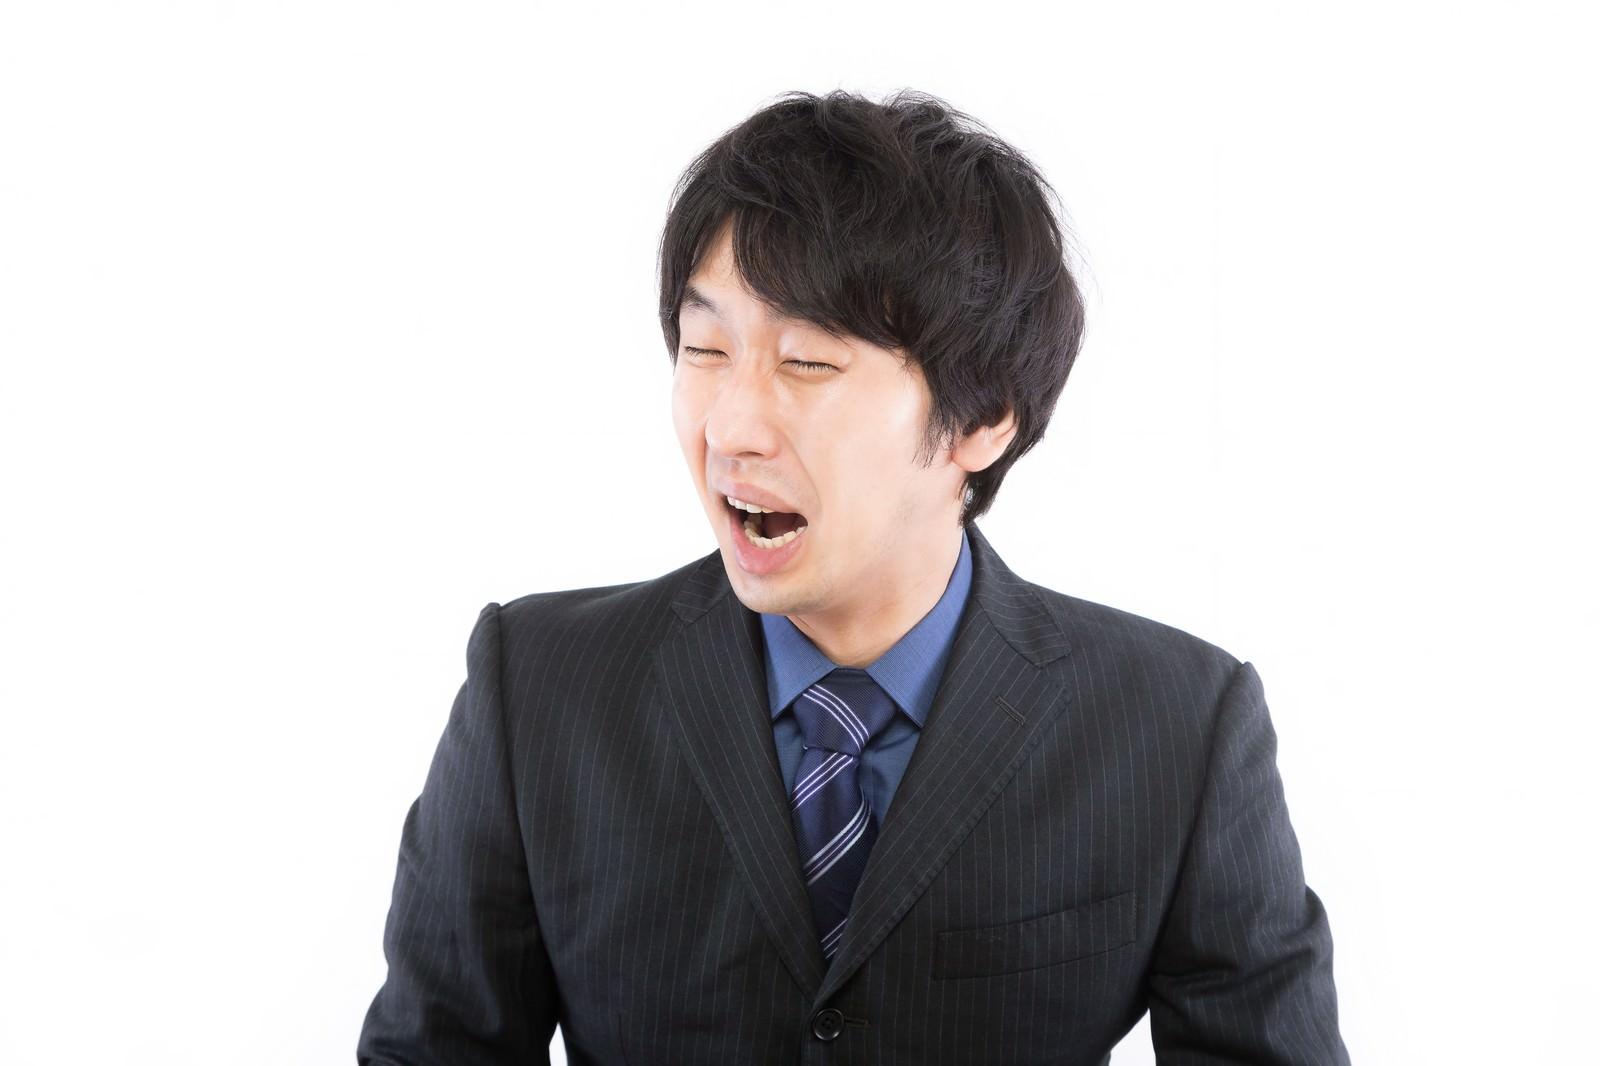 「人目もはばからず号泣する男性」の写真[モデル:大川竜弥]